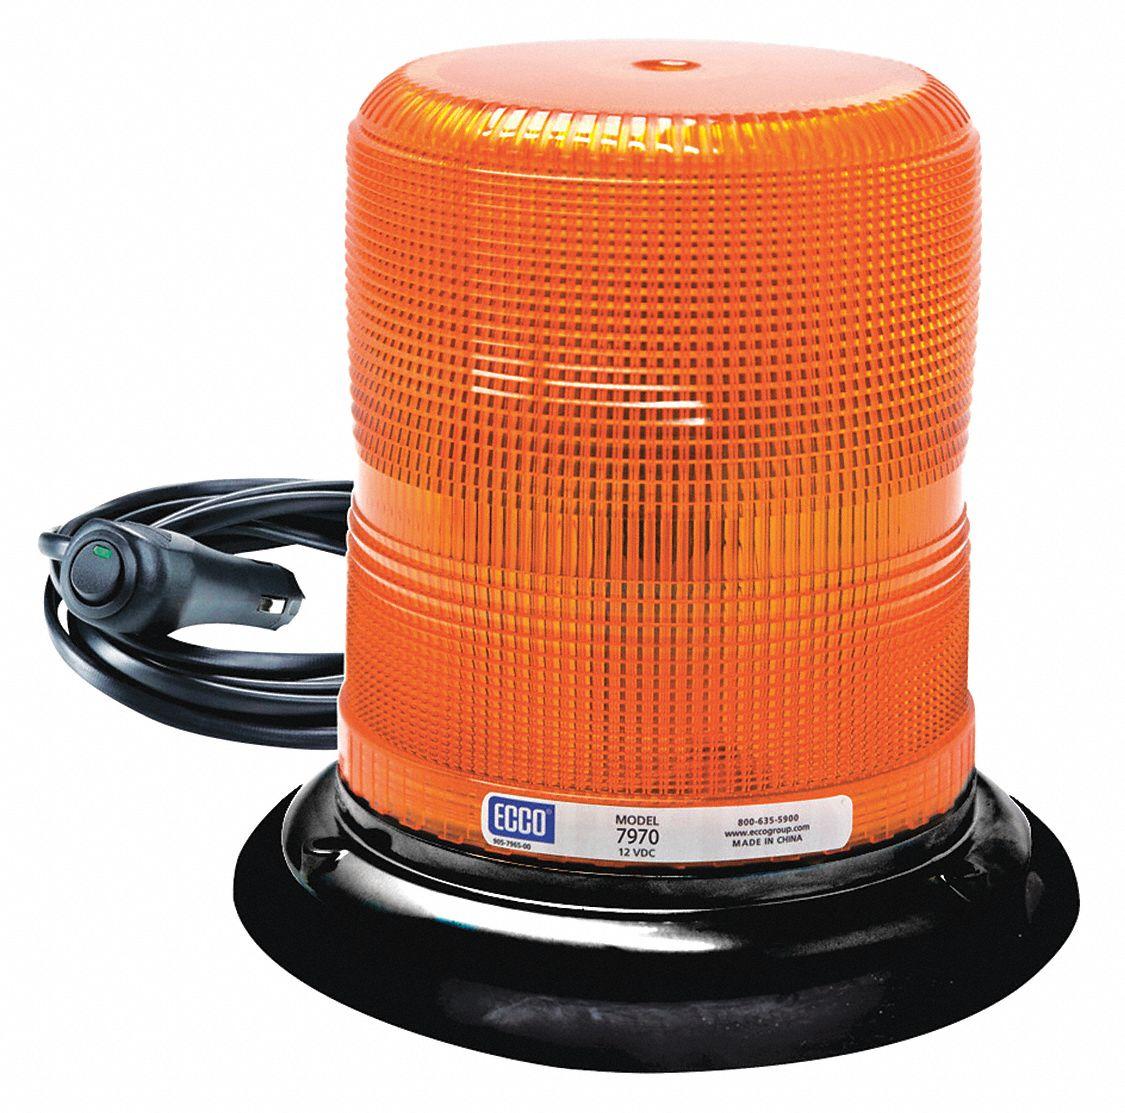 ECCO Beacon Light, Amber, Flashing - 406A95